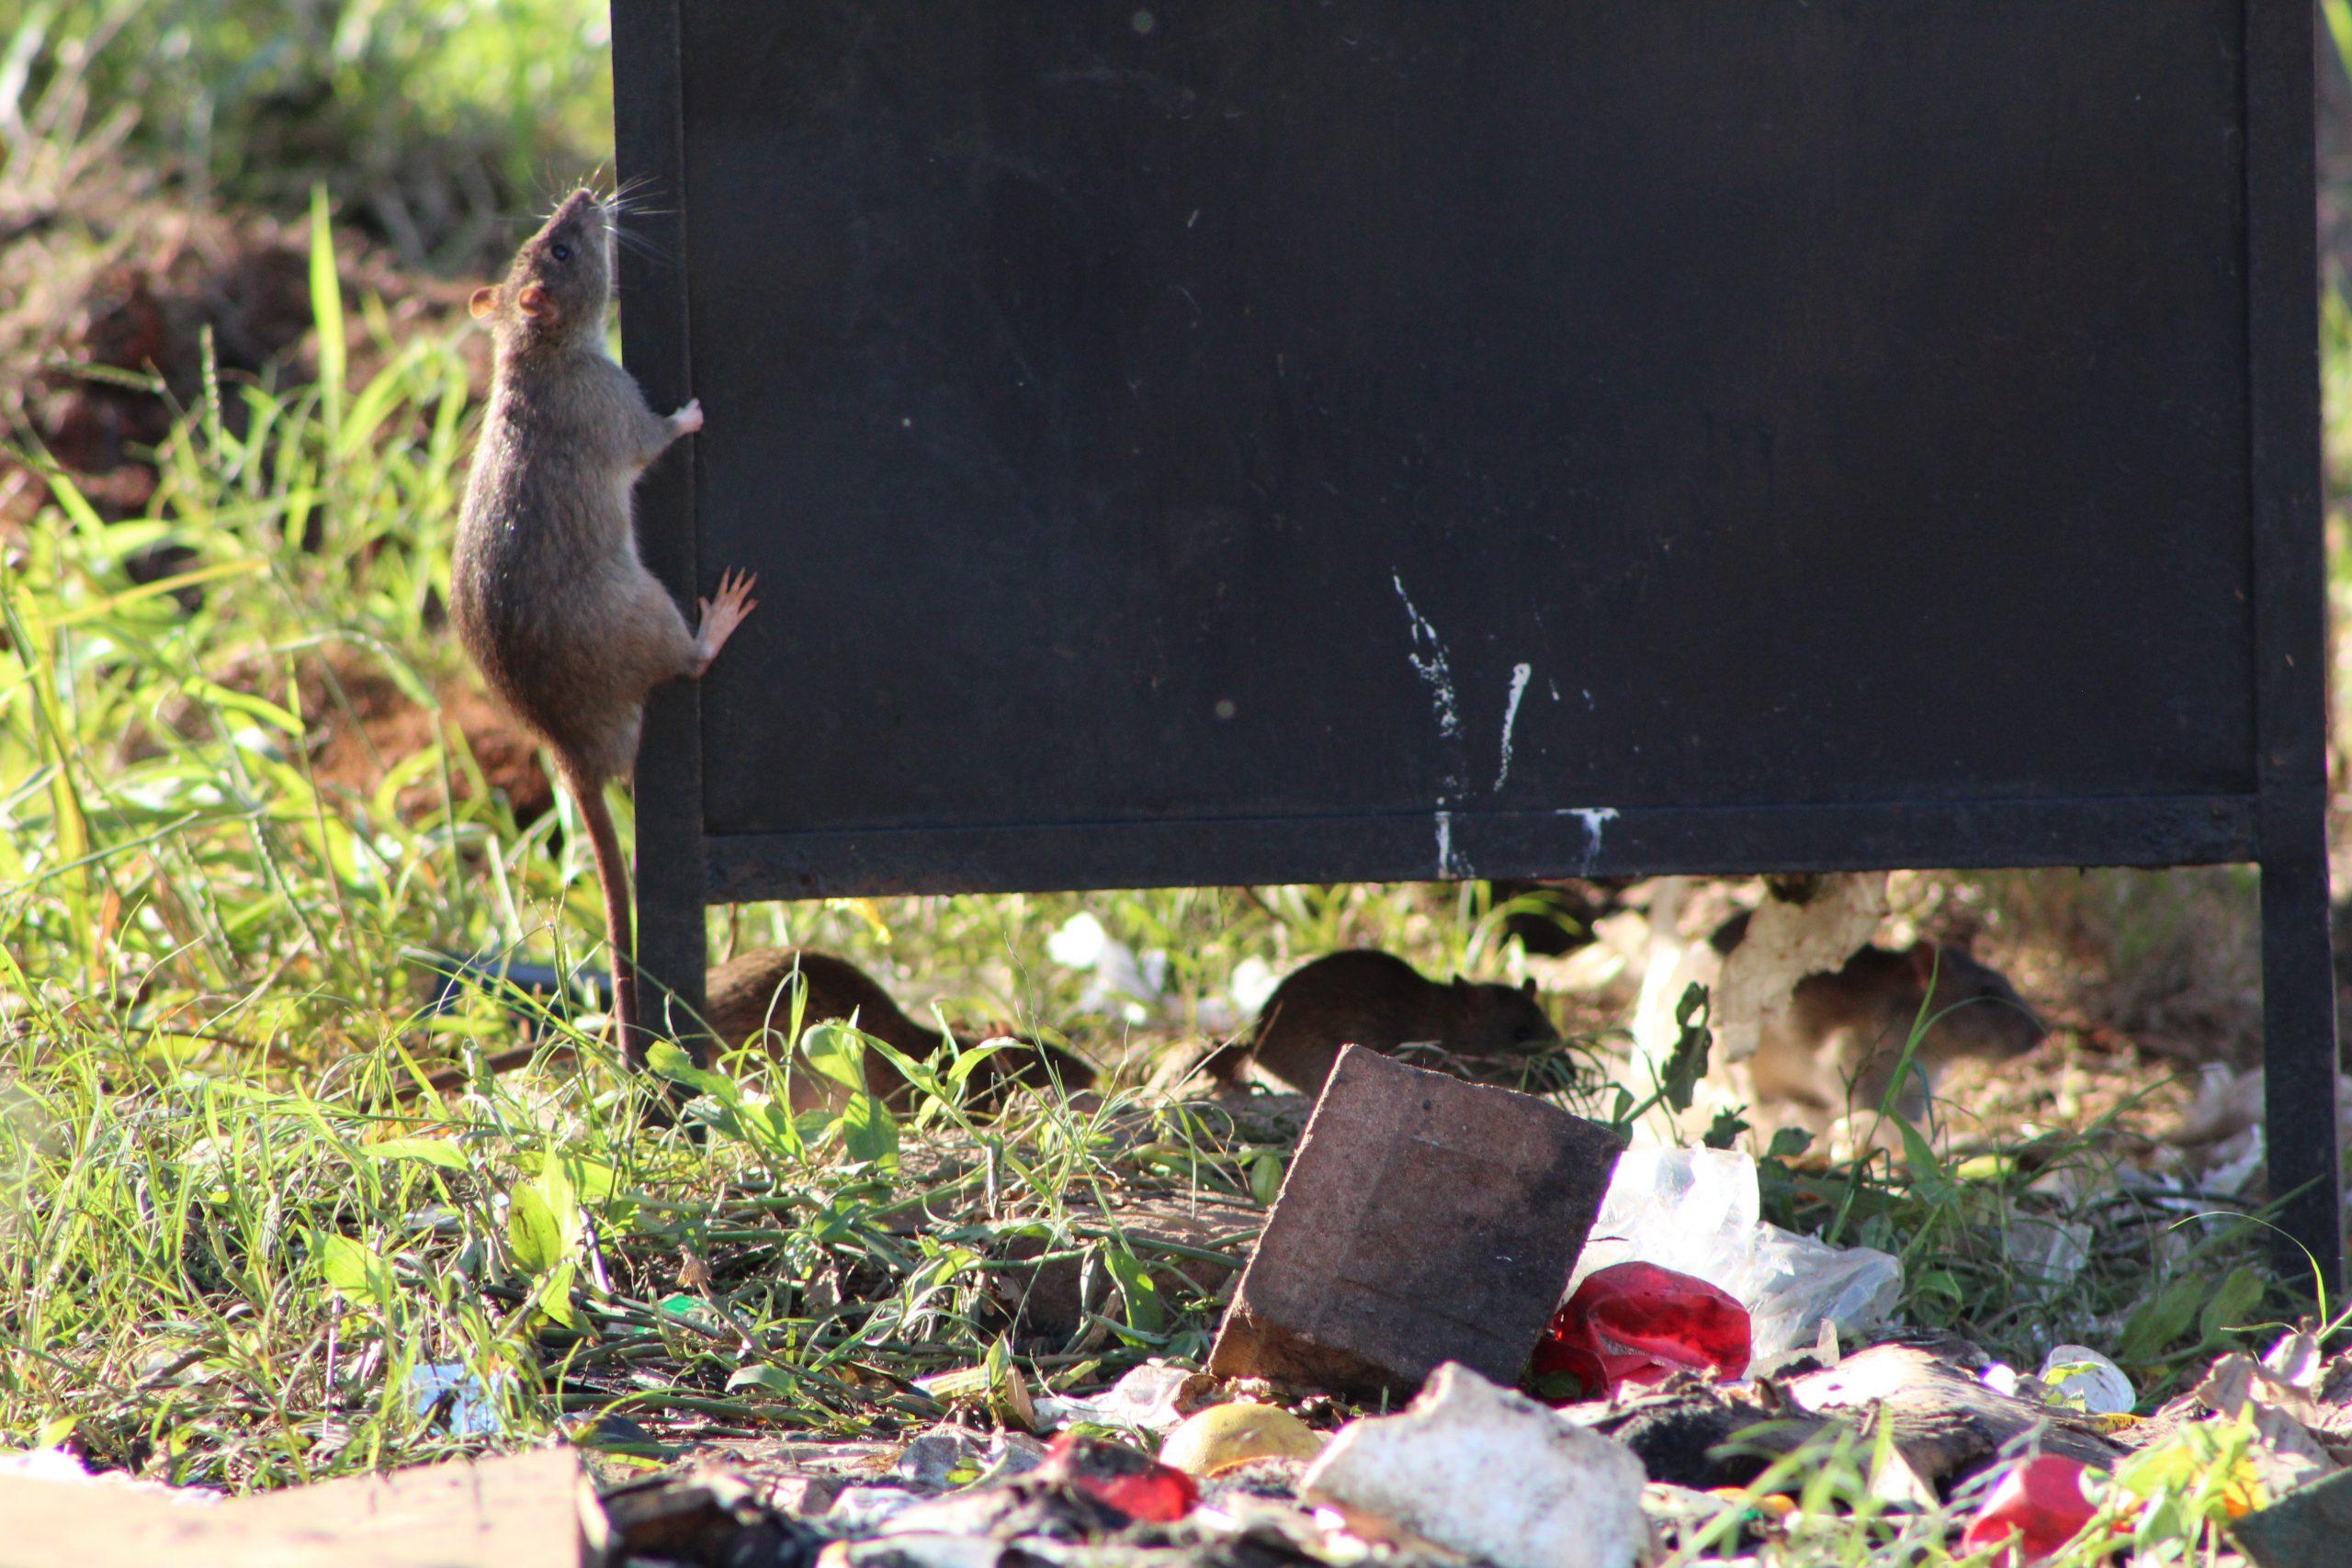 Ratos infestam terrenos e lixeiras no Moinhos d'Água